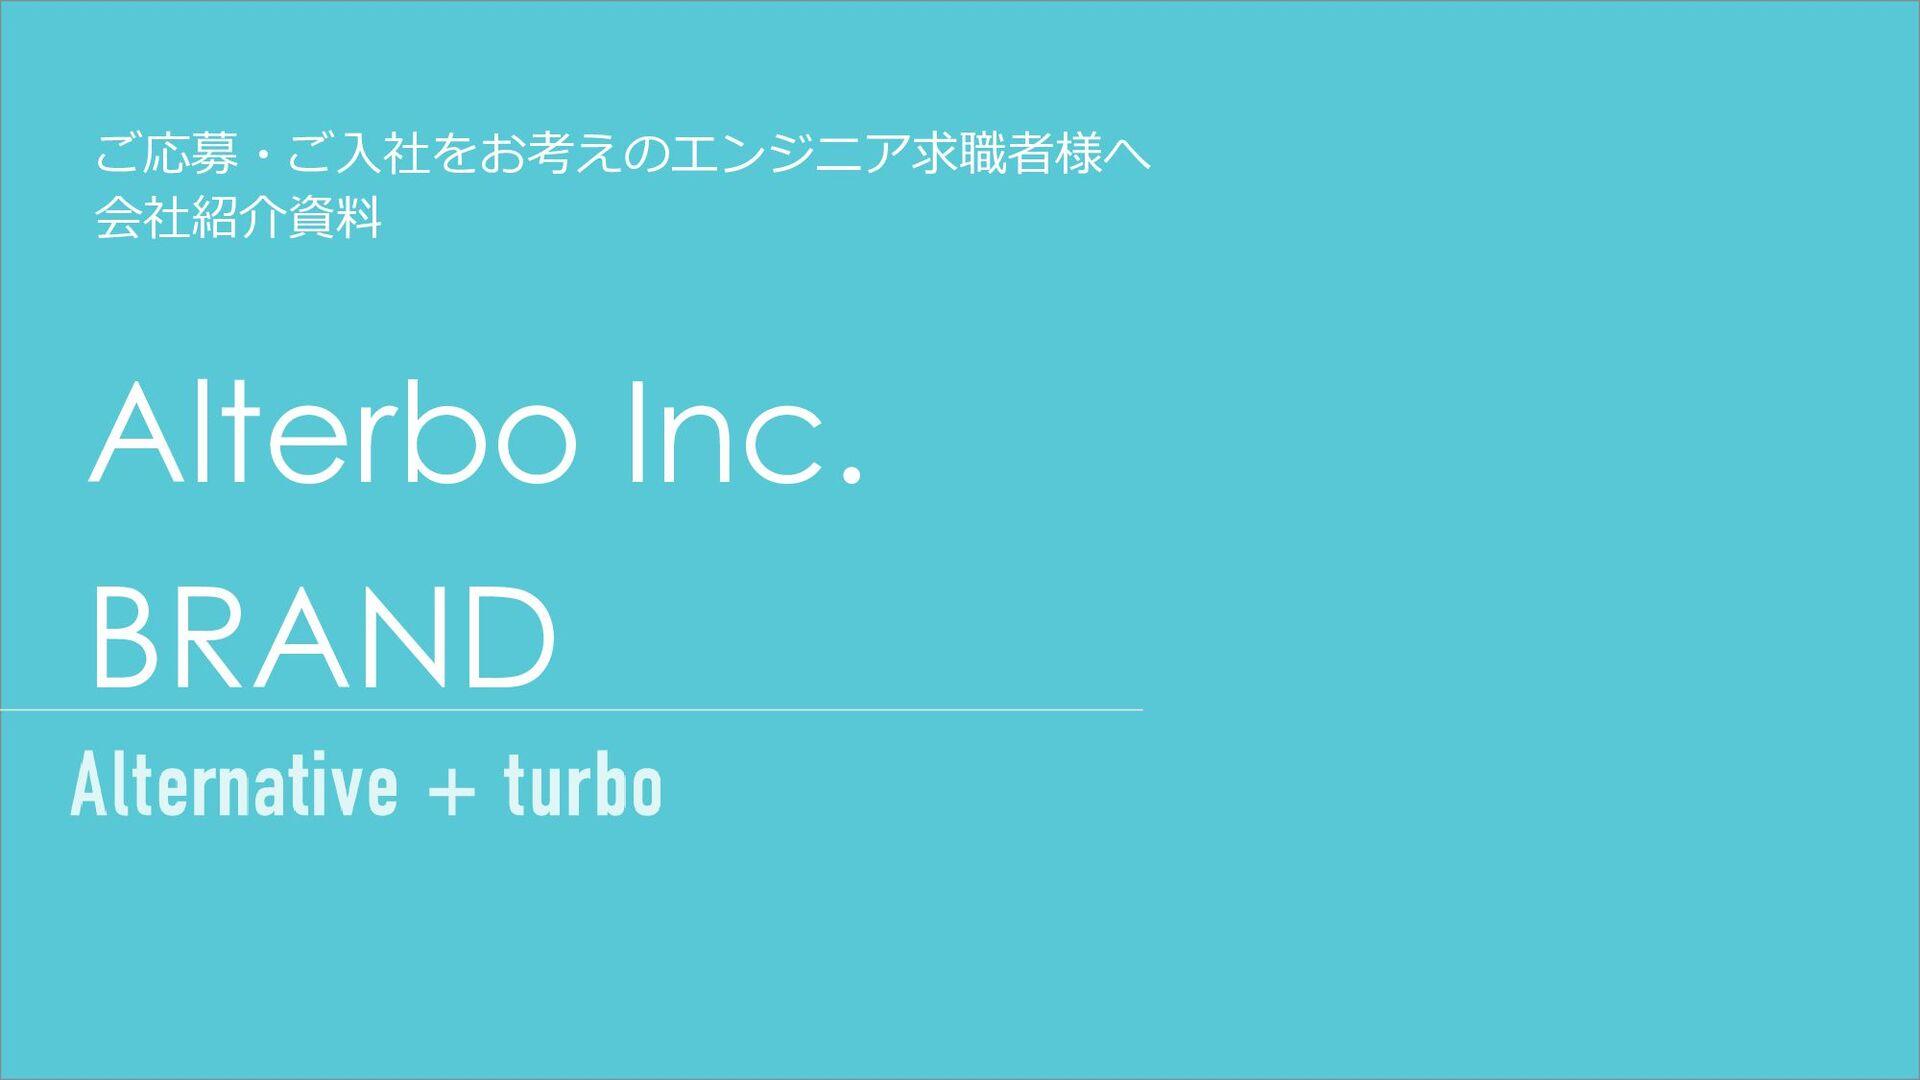 ご応募・ご入社をお考えのエンジニア求職者様へ オルターボのご紹介 Alterbo Inc. B...